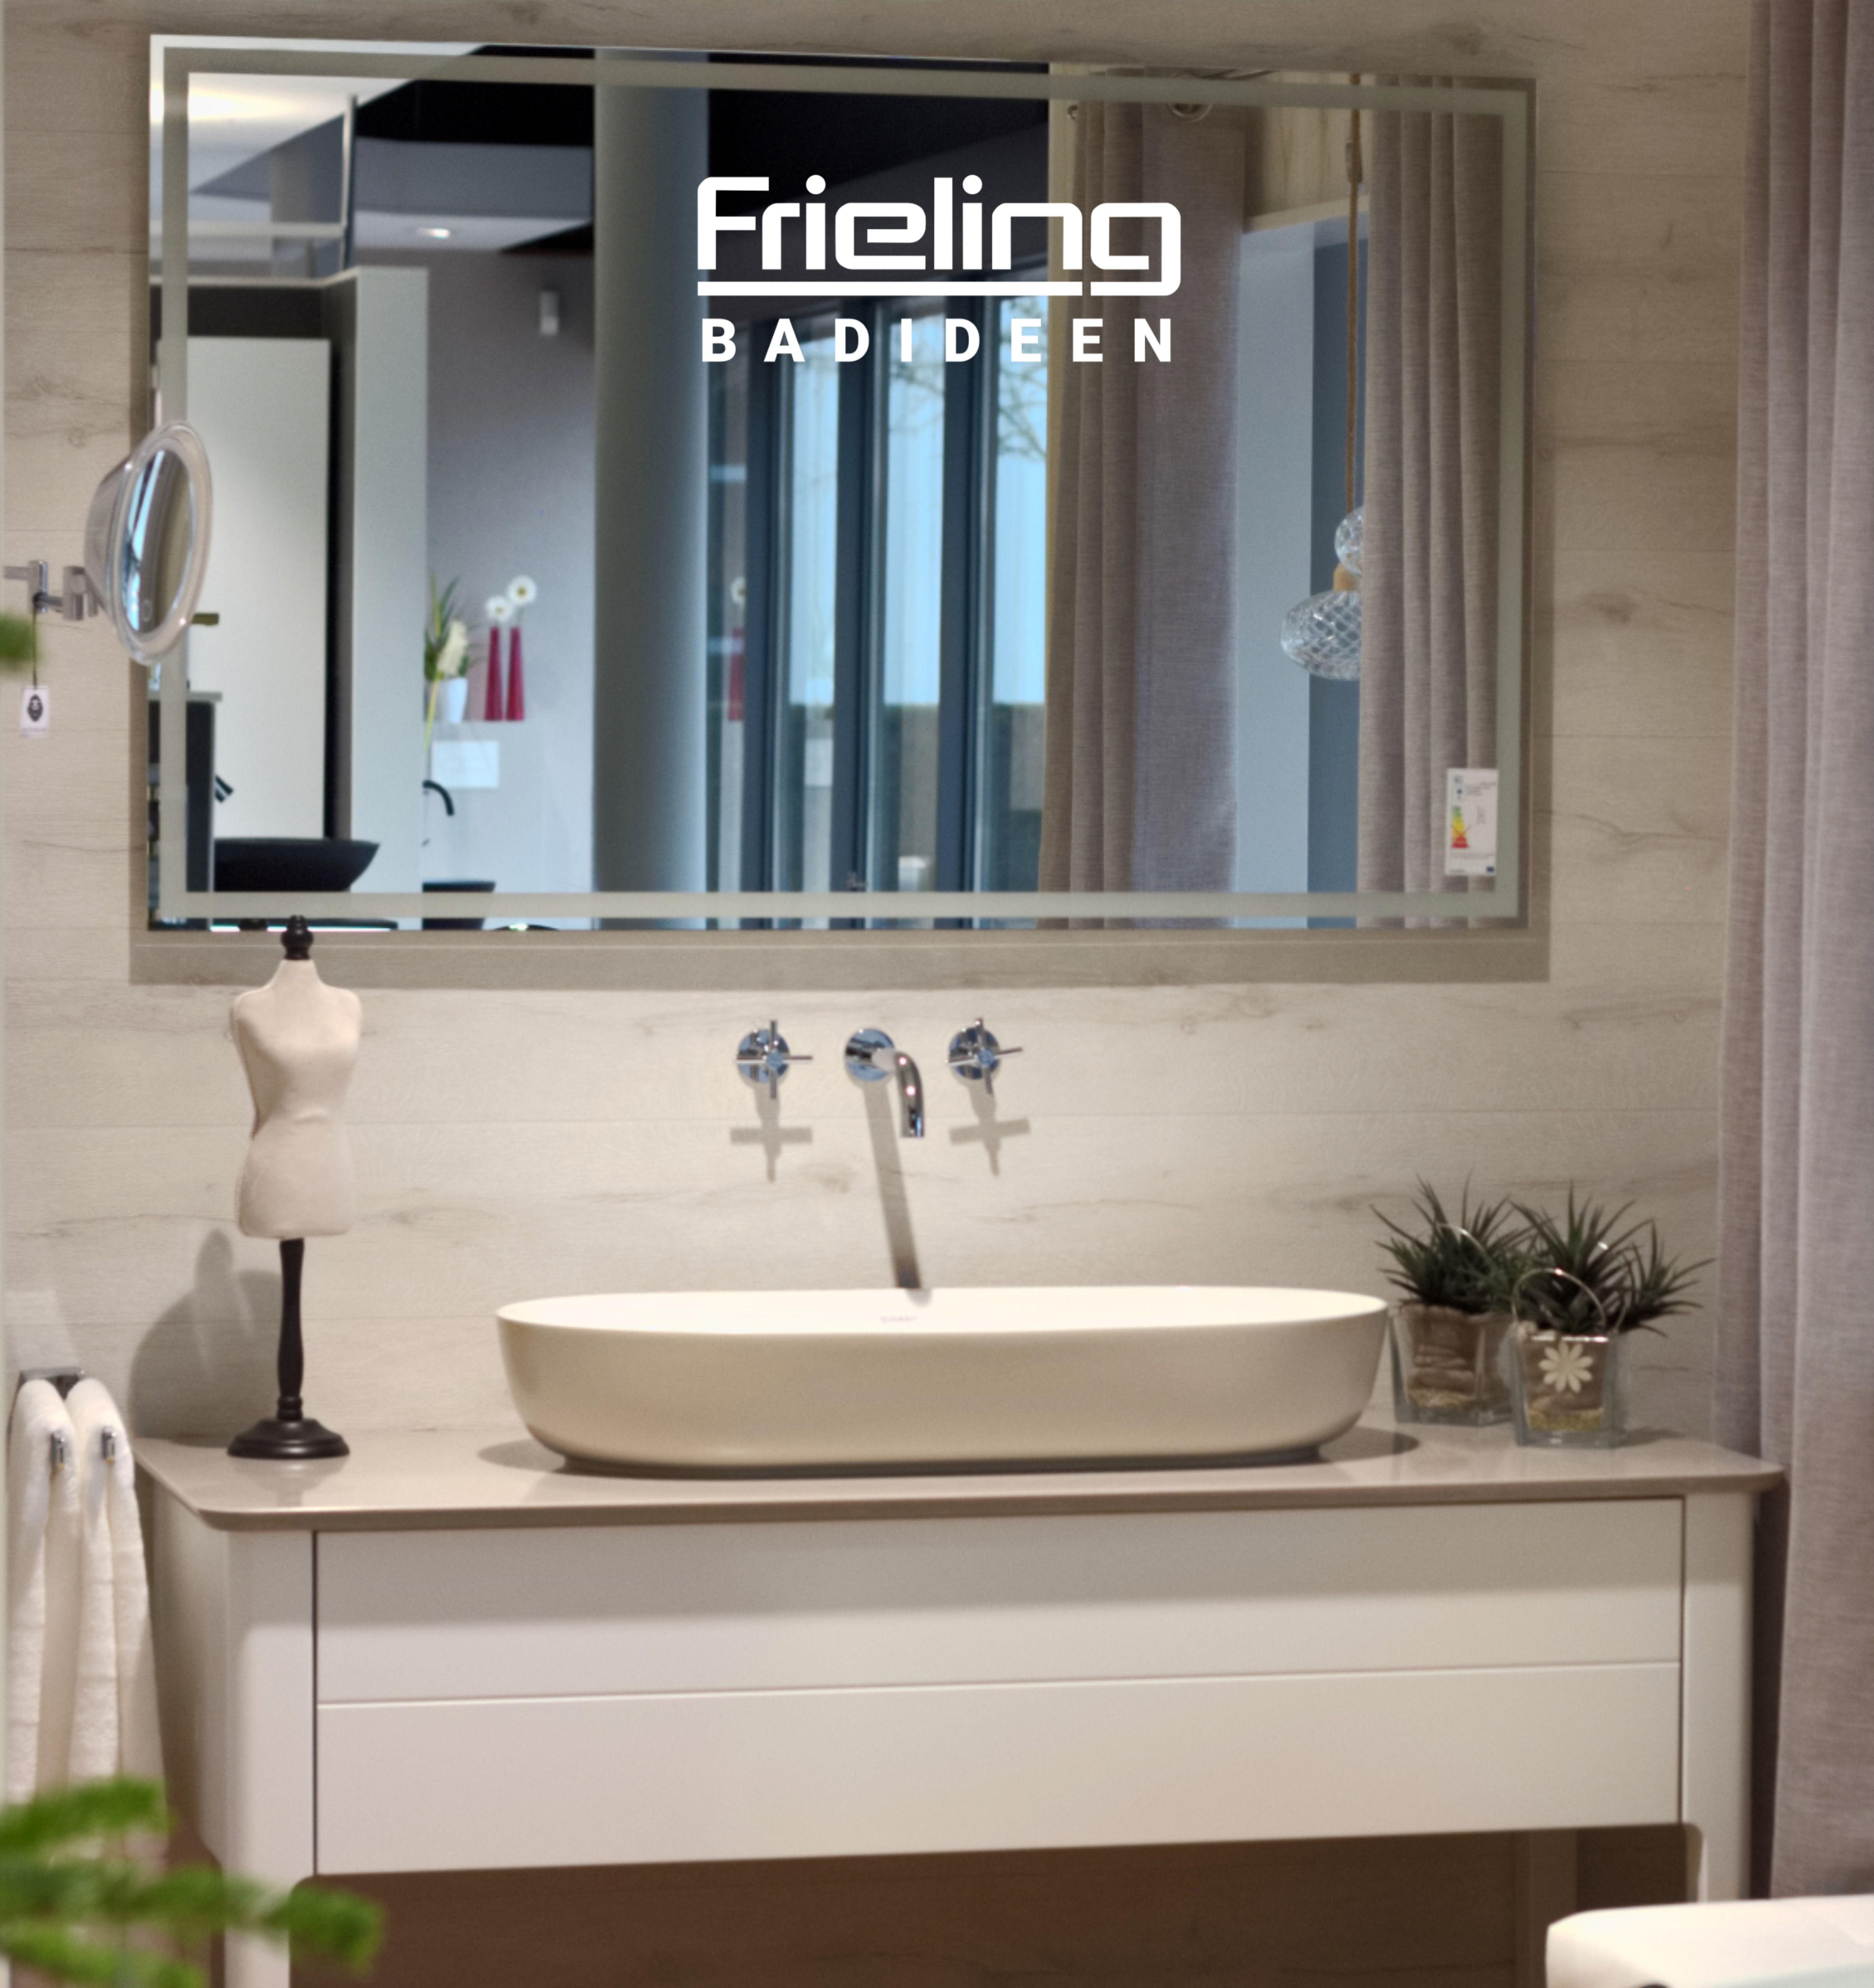 Regional Lokal Frieling Badideen Auch In Ihrer Nahe Jetzt Badezimmerplanung Starten Modern In 2020 Bader Ideen Bad Modern